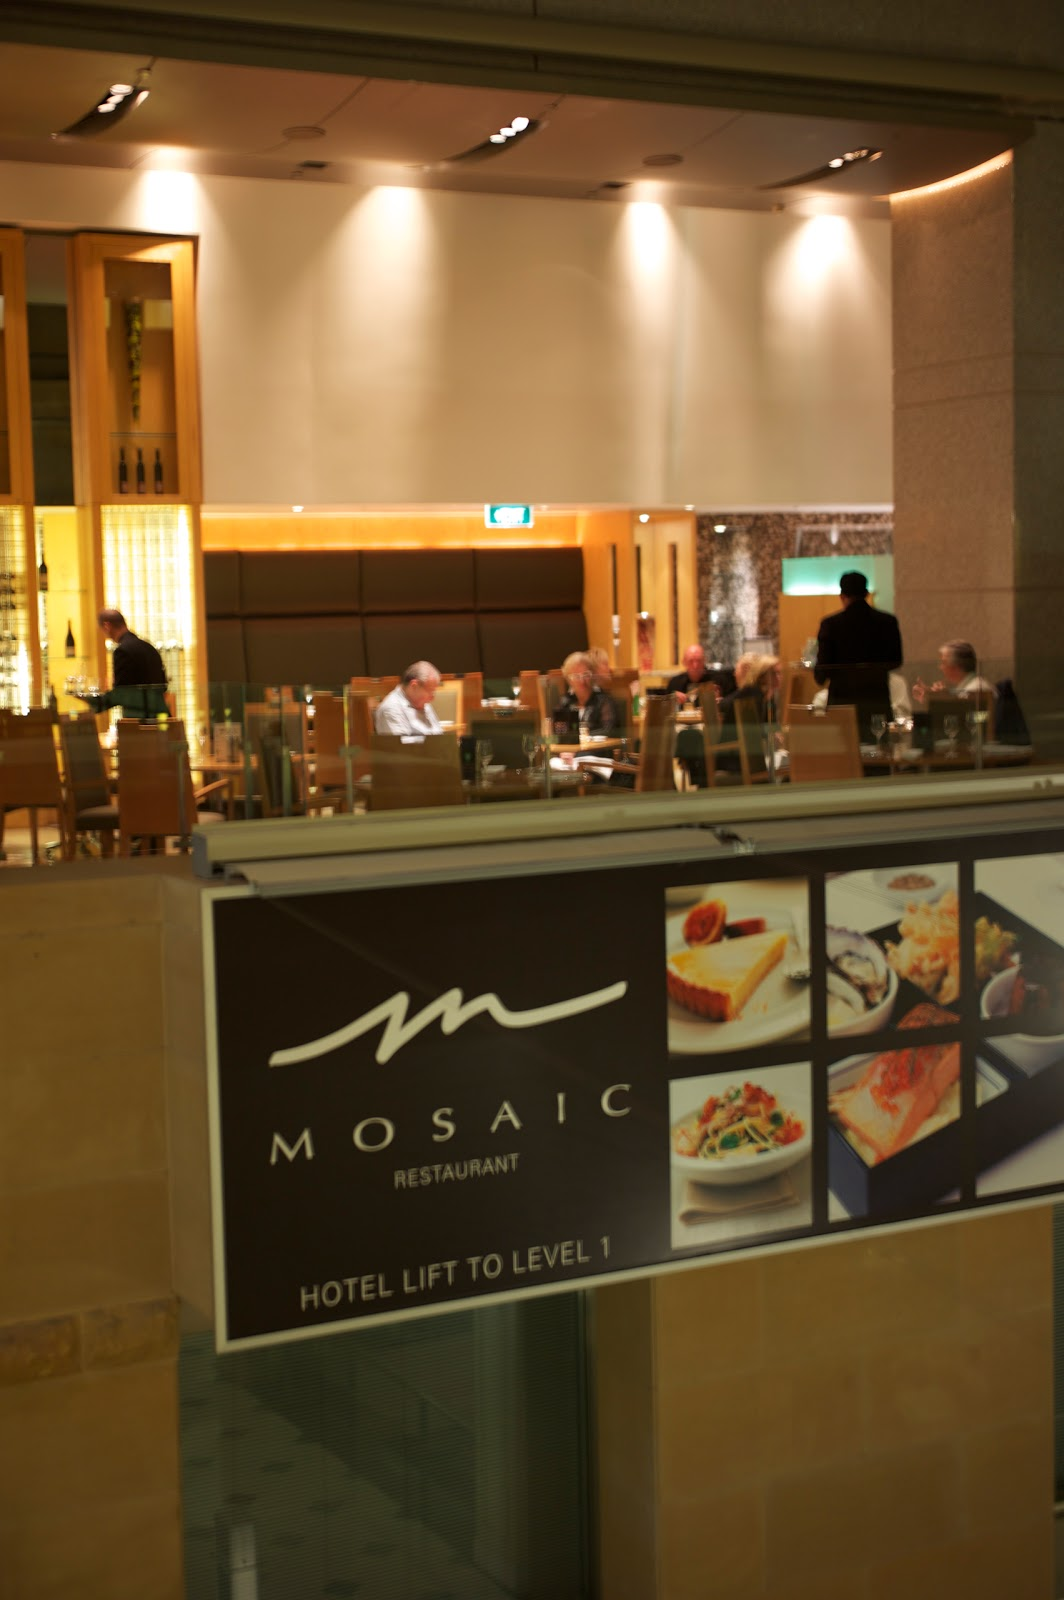 westin hotel restaurants sydney - photo#18